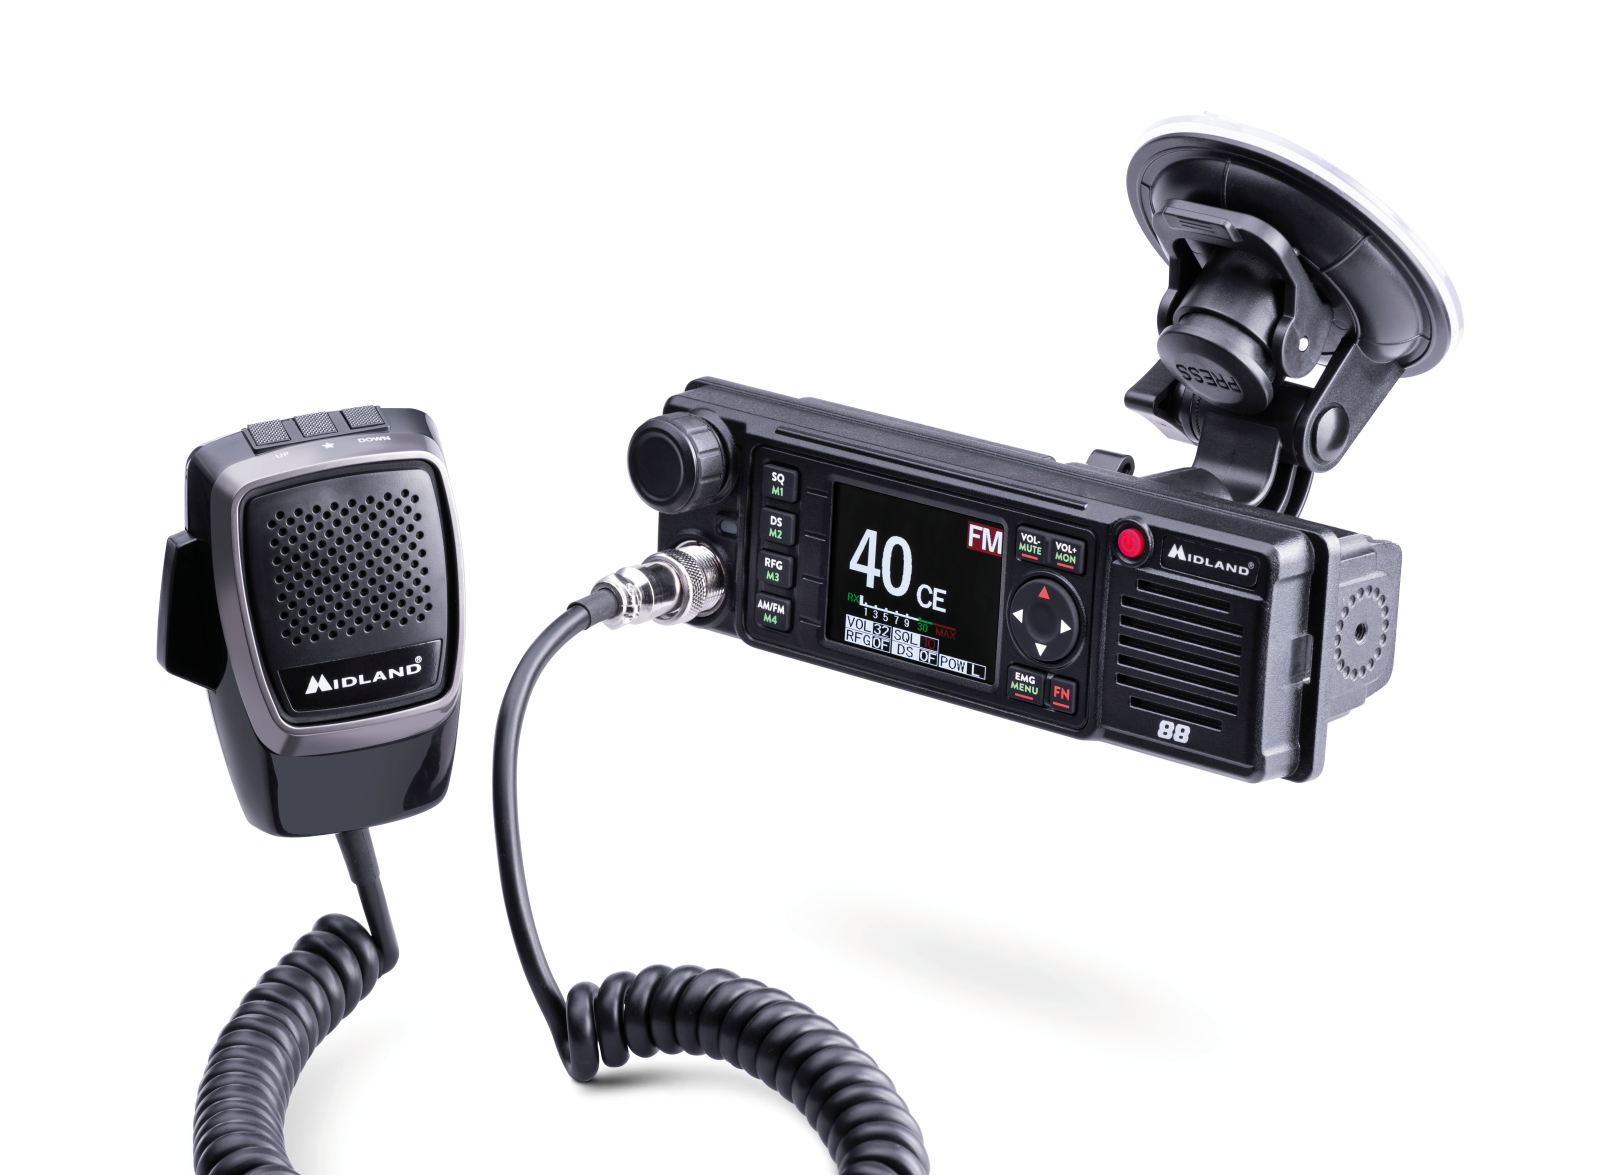 CB-Funkgerät von Midland M-88 - So klein und leicht, es geht auch mit einem Saugnapf.